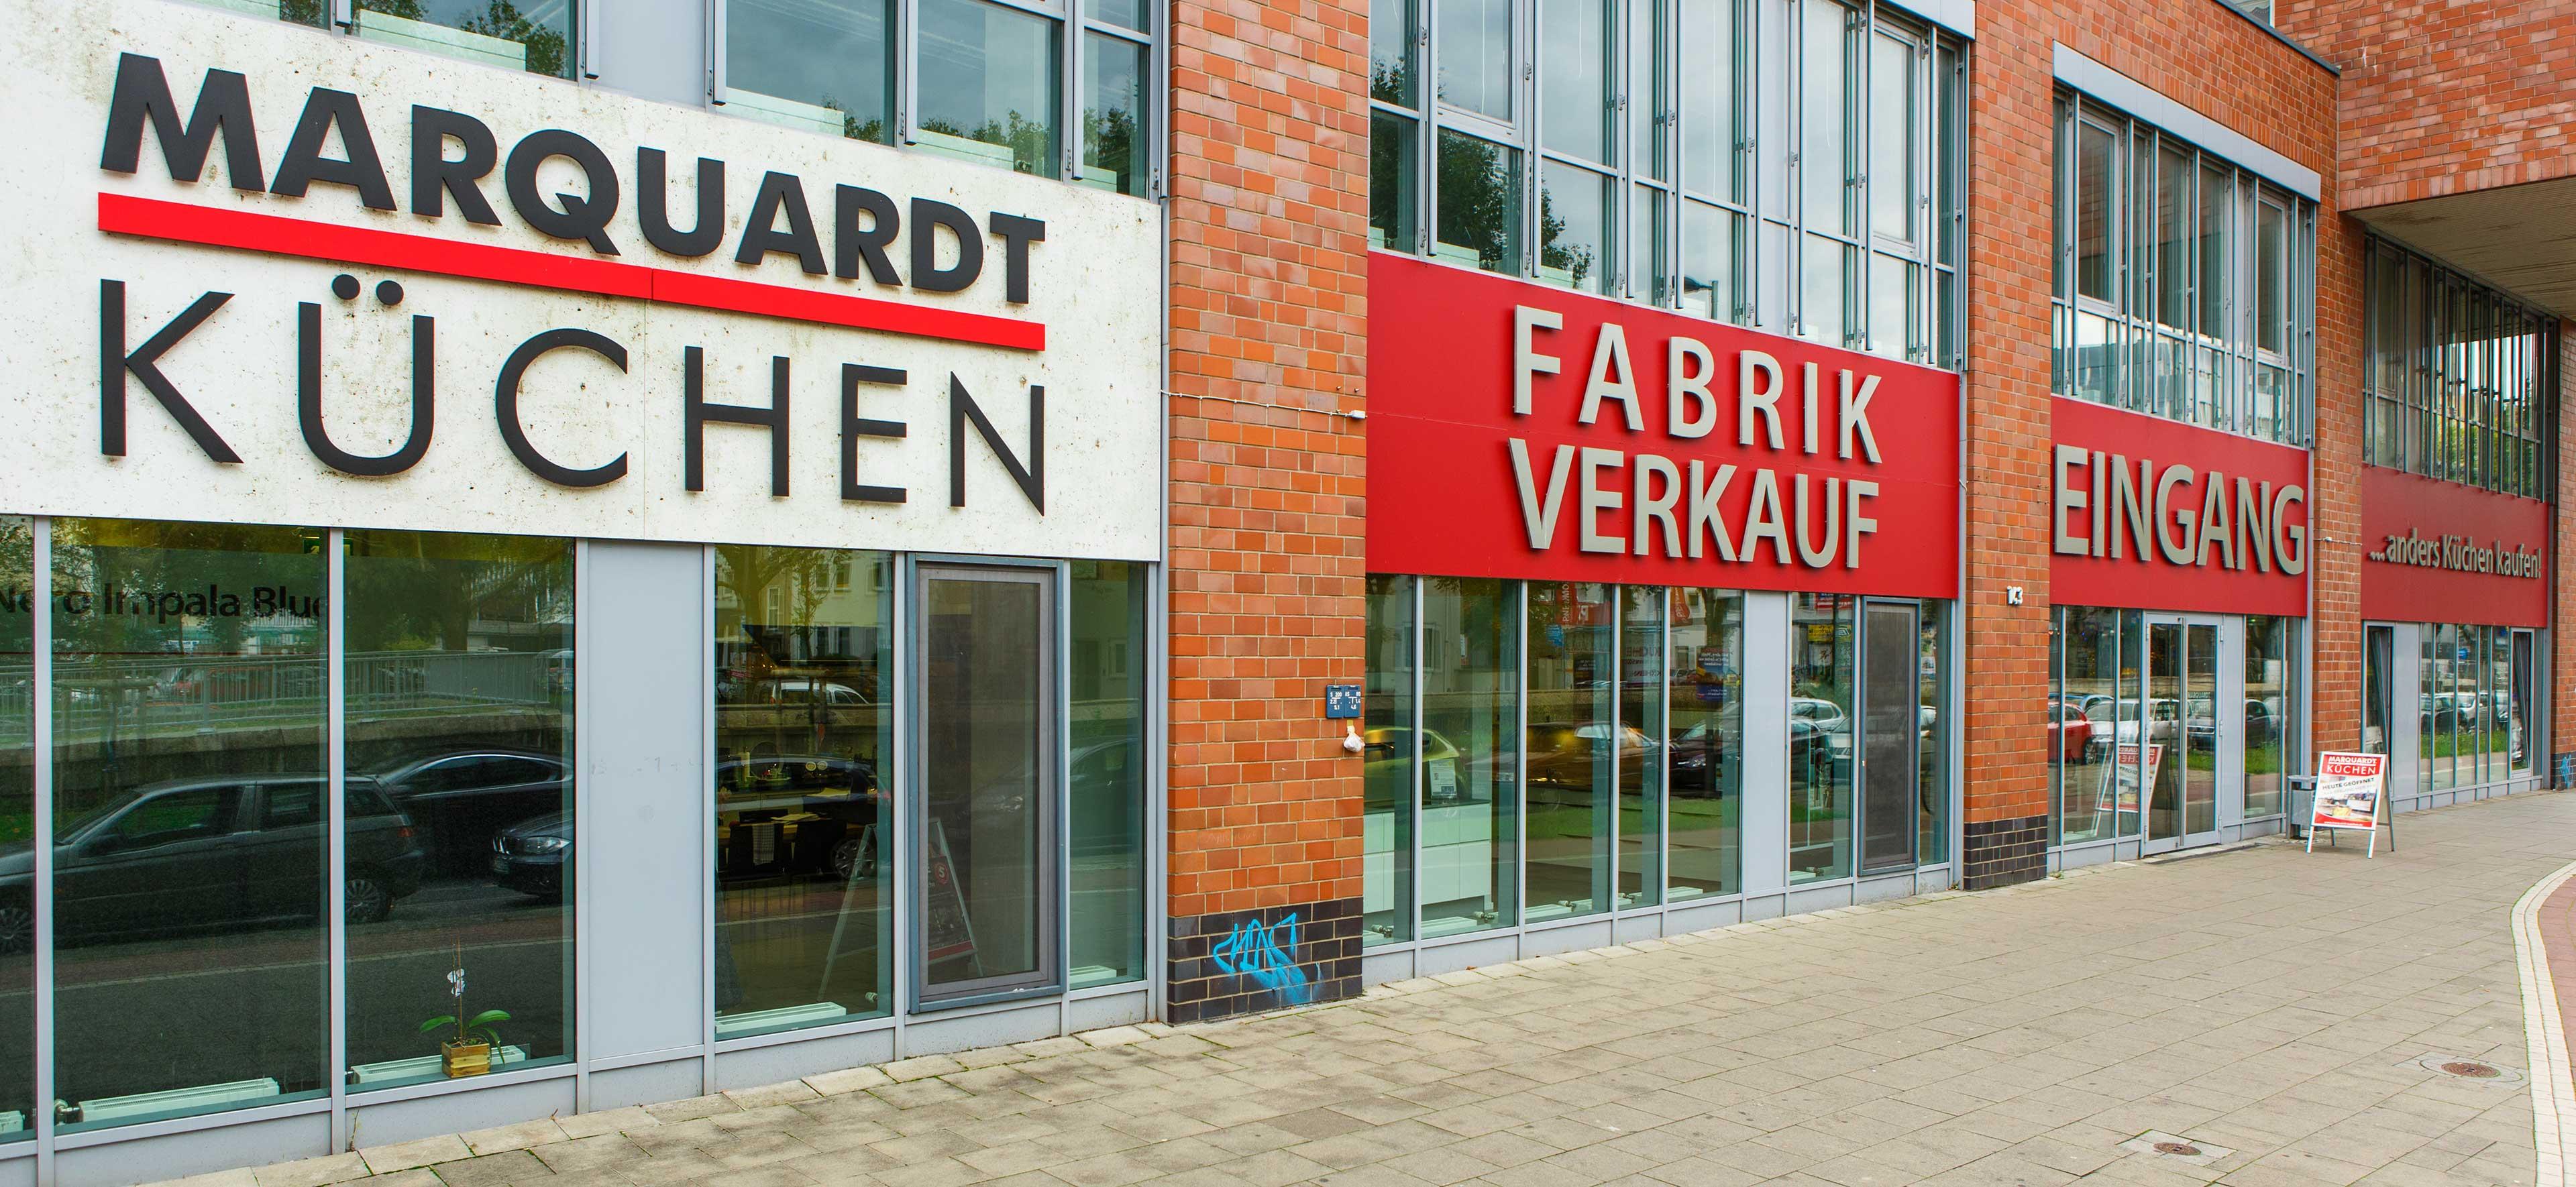 kuchen zubehor koln, küchenstudio köln-bayenthal – marquardt küchen, Design ideen